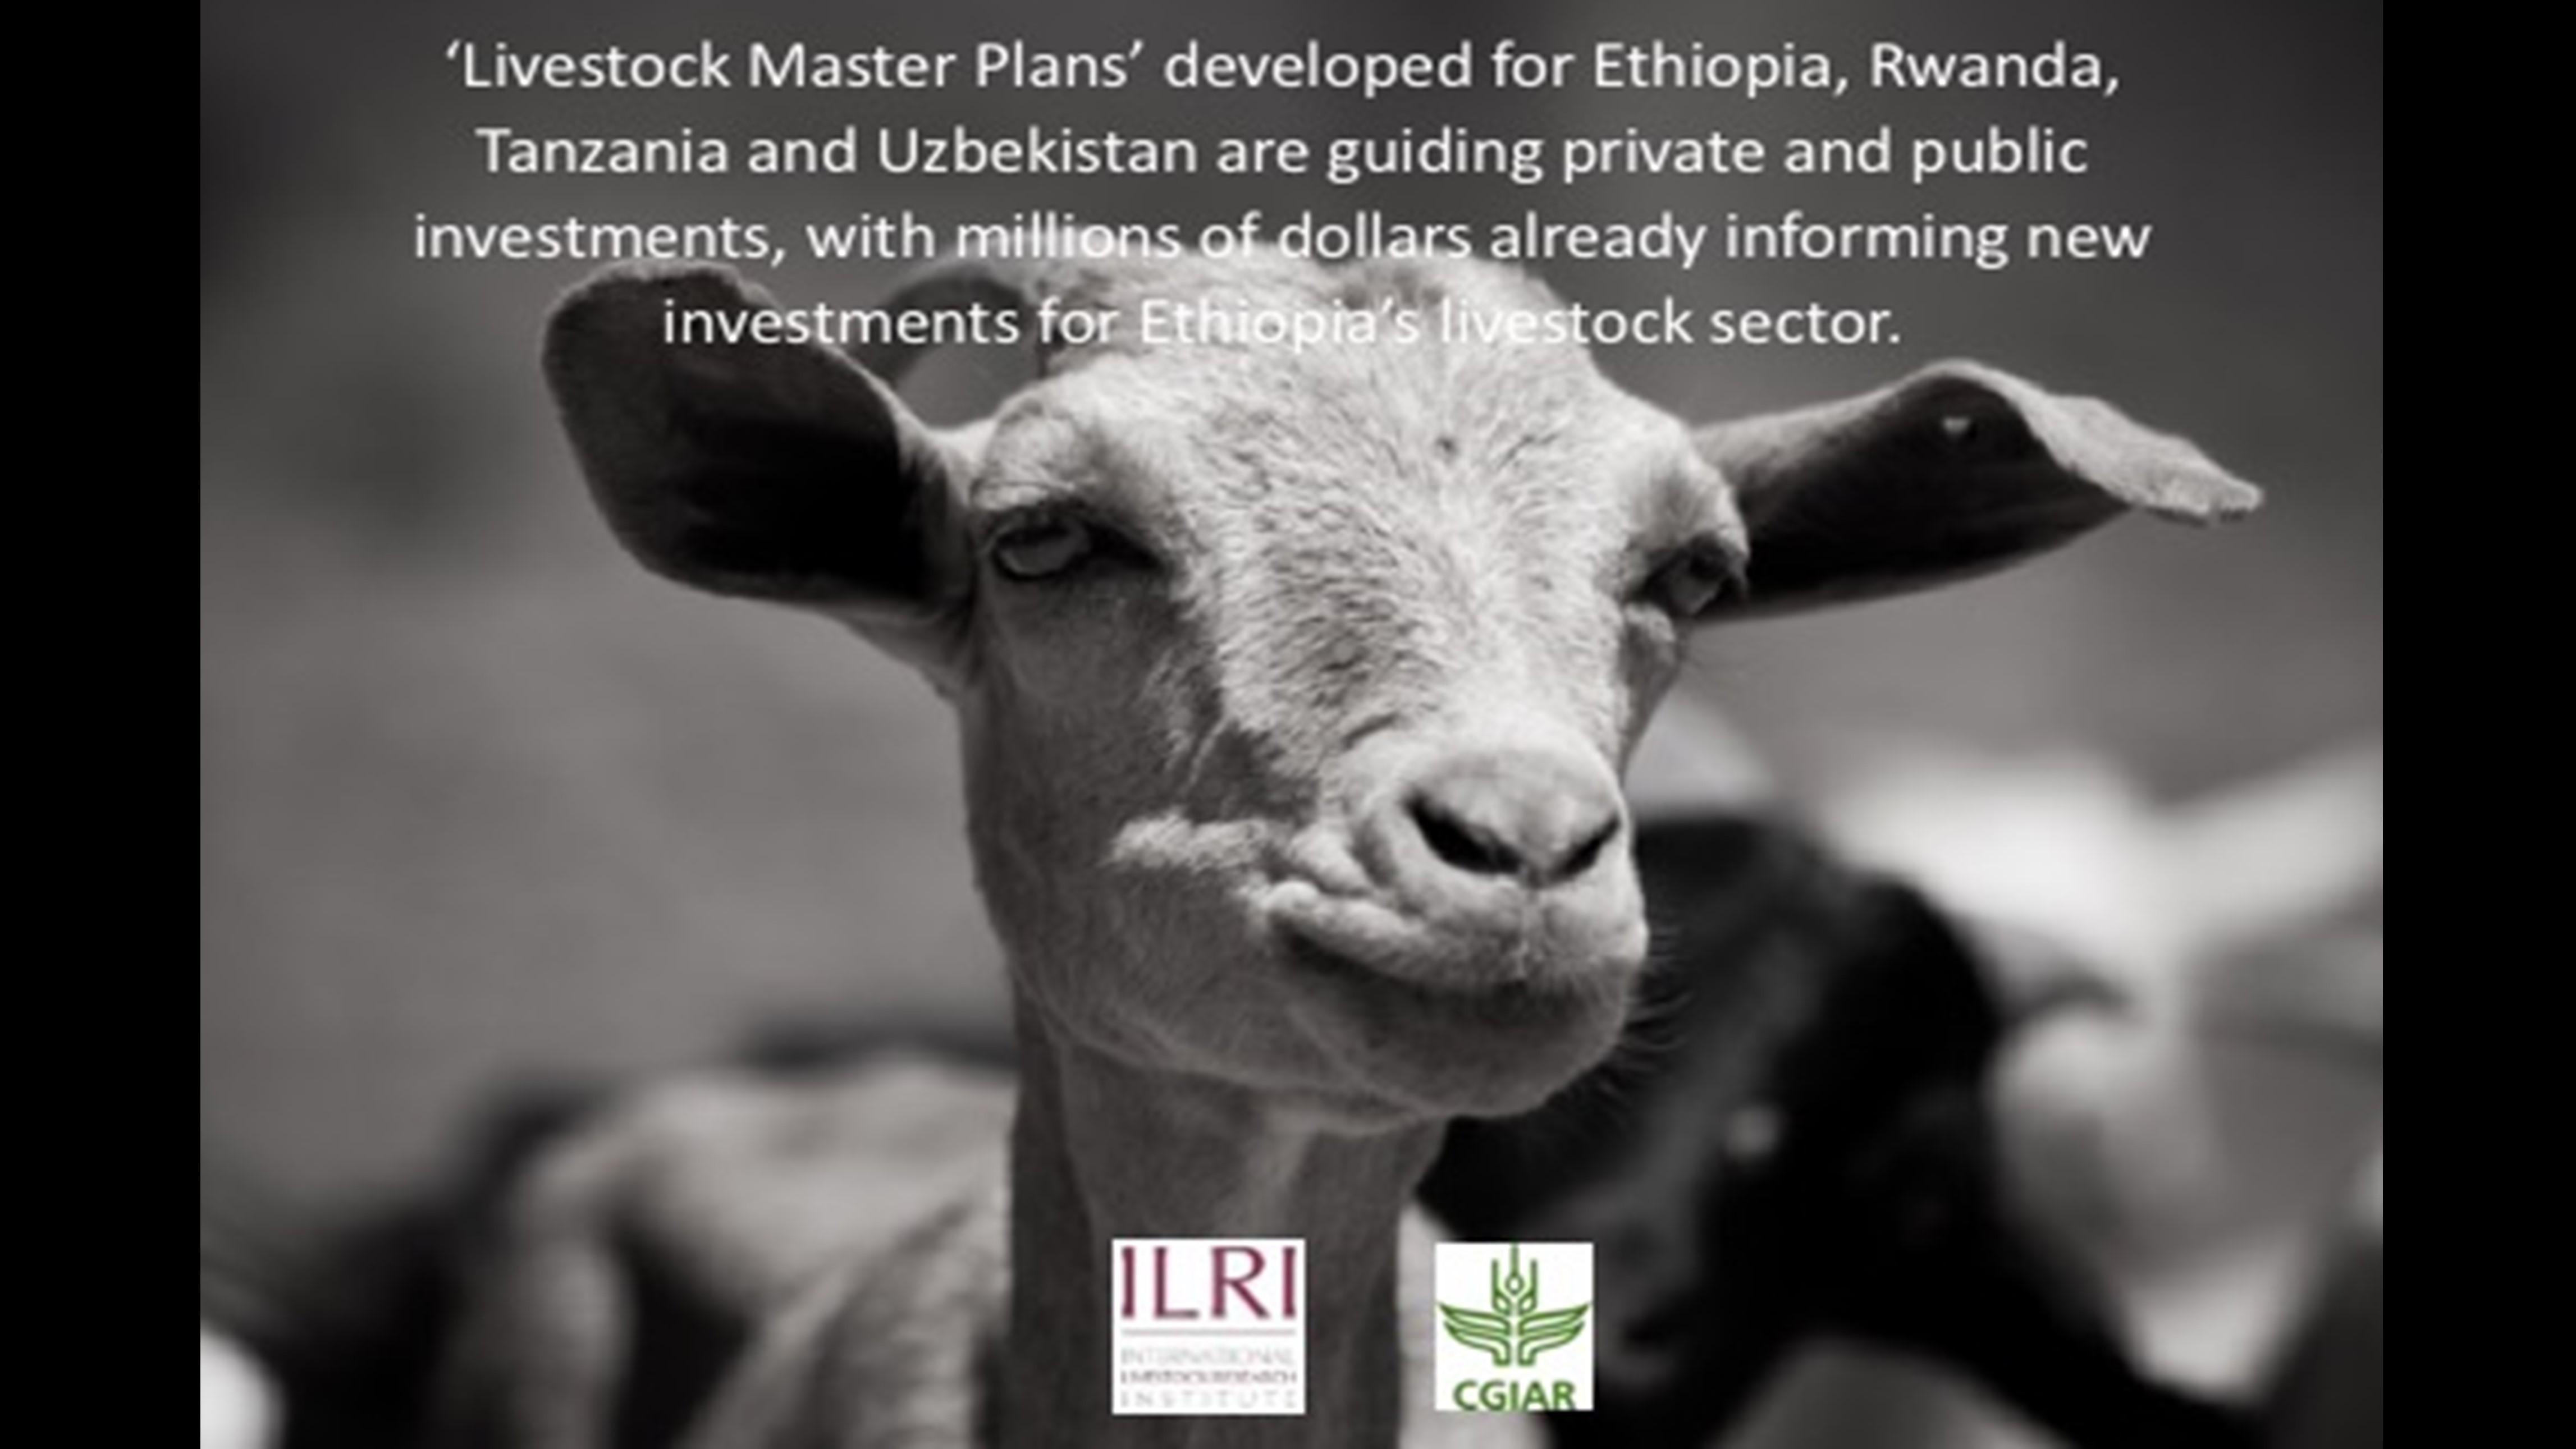 Livestock Master Plans